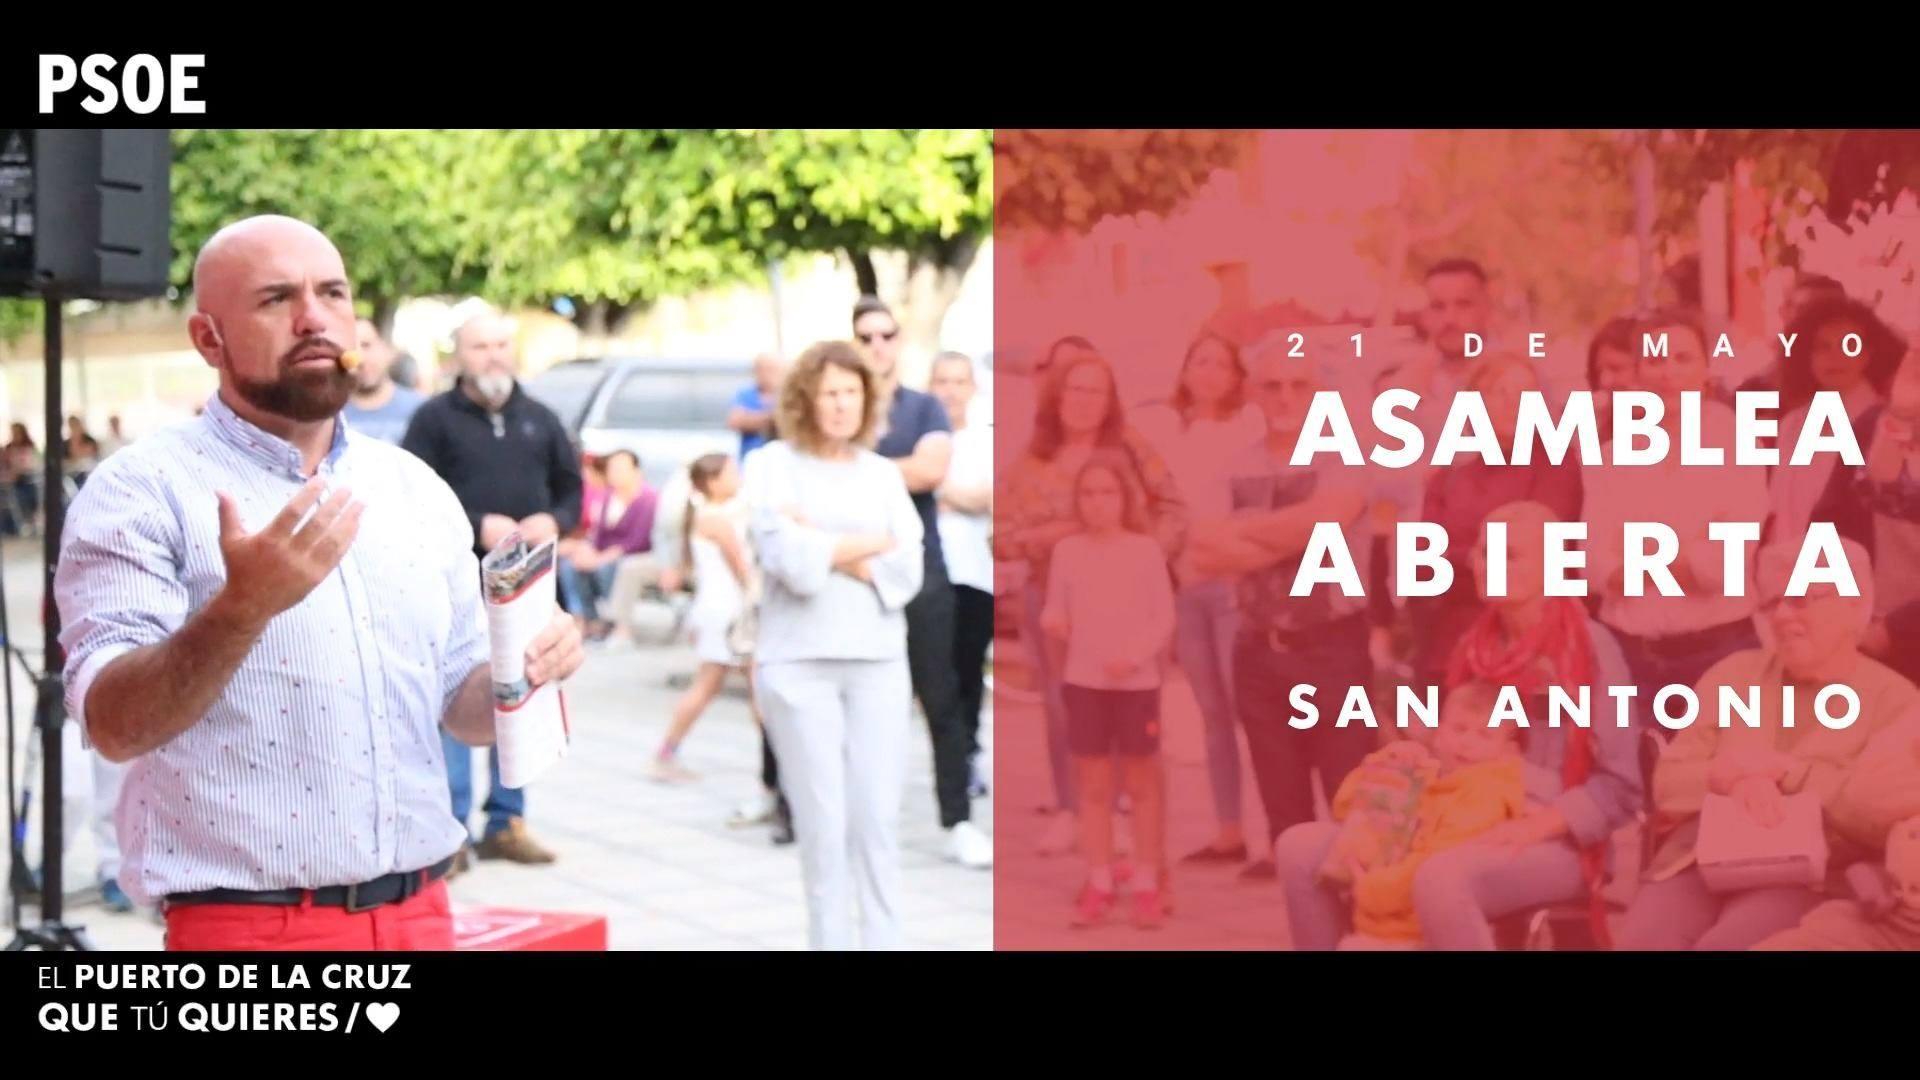 Elecciones Municipales - Asamblea Abierta - San Antonio - 21 de mayo